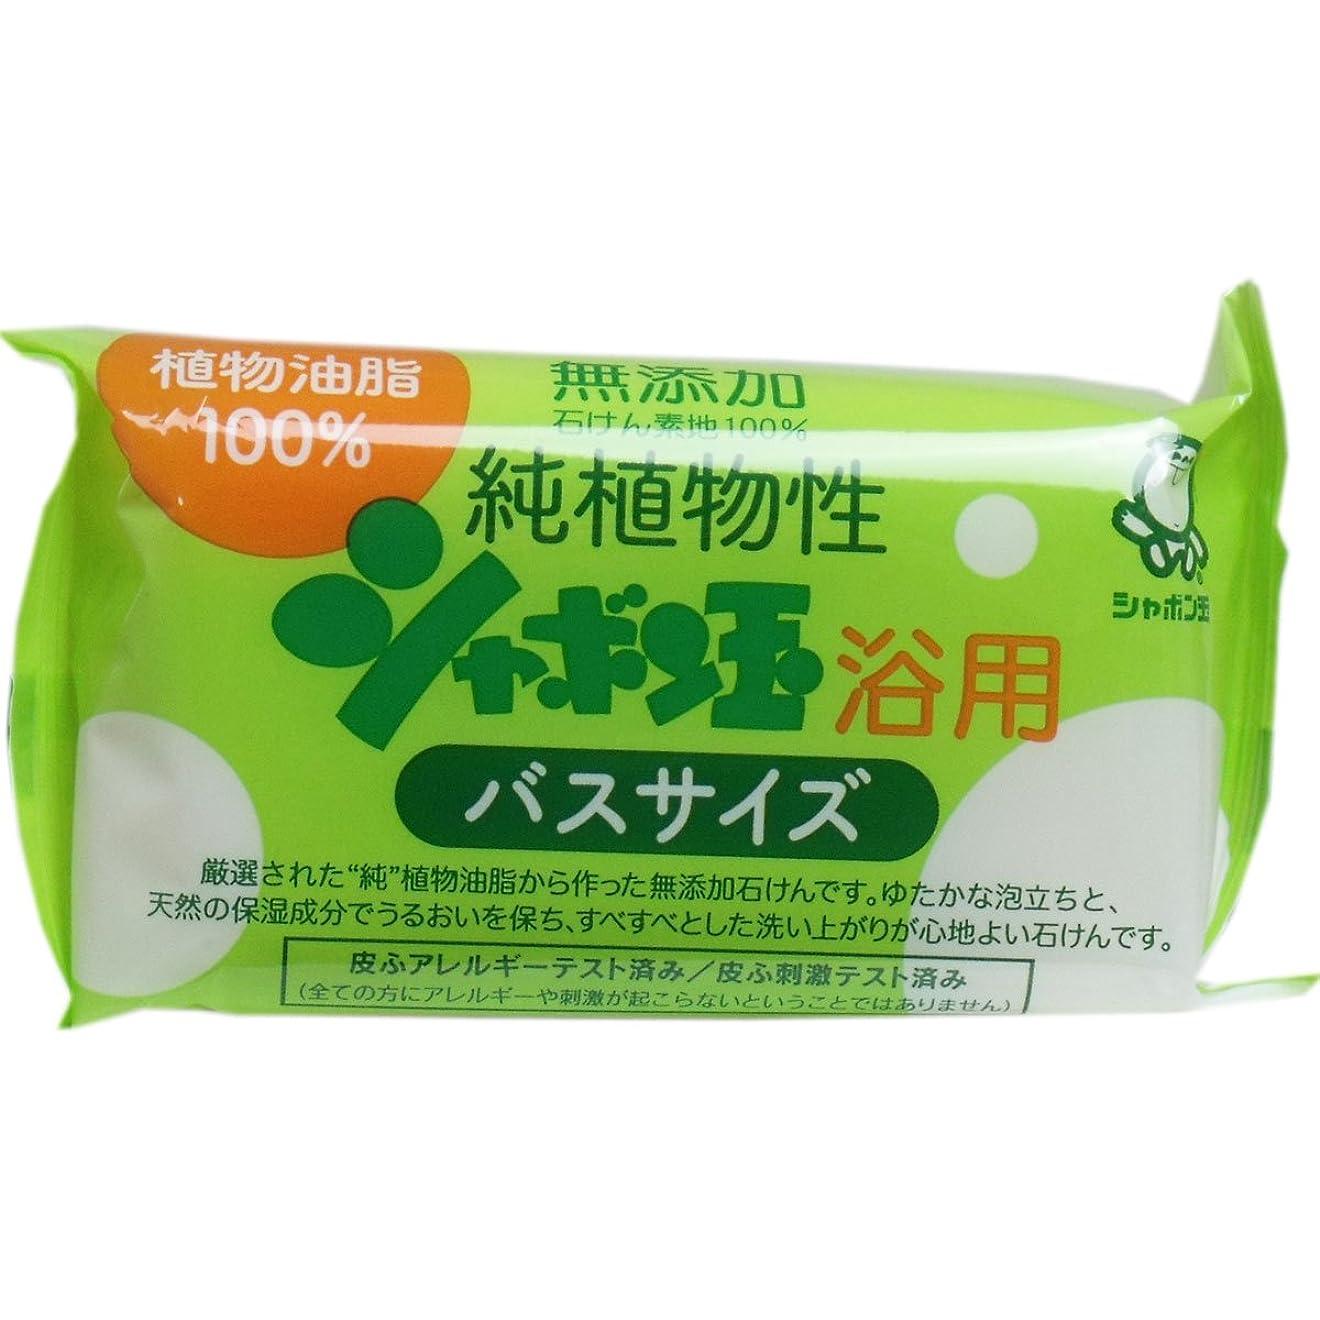 もちろんラオス人ジェム無添加 シャボン玉 純植物性浴用石けん バスサイズ 155g(無添加石鹸)